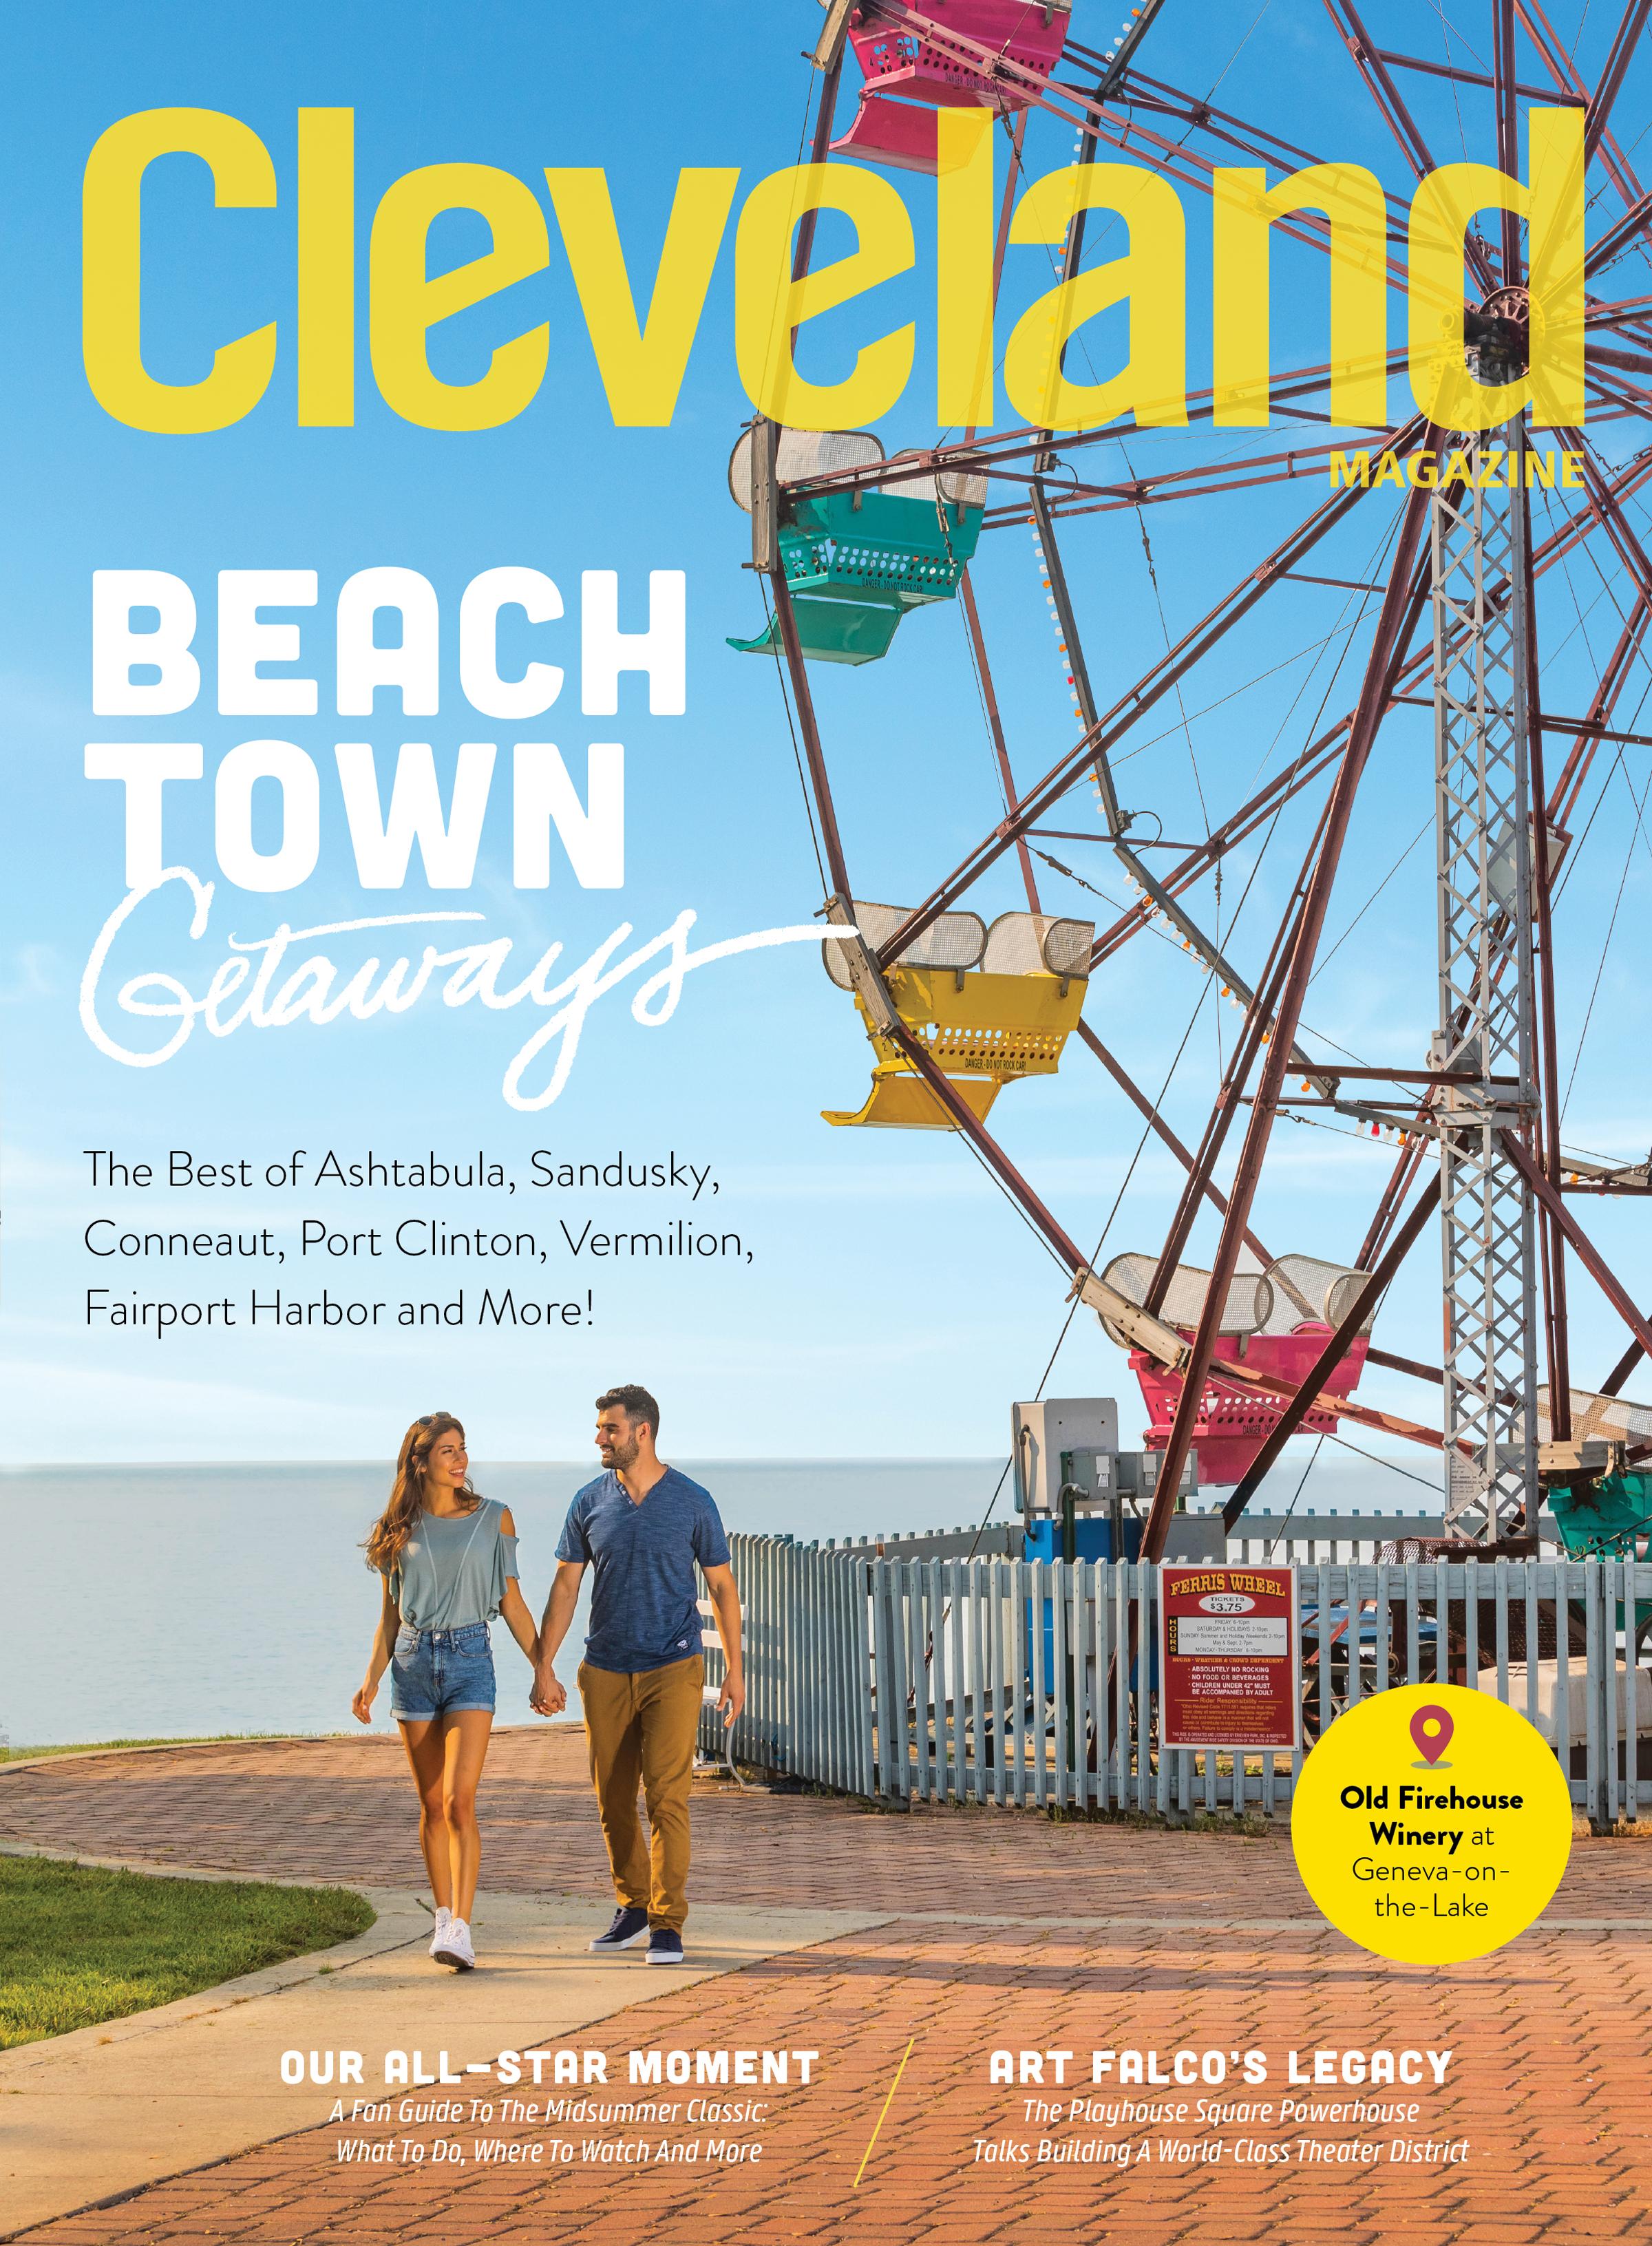 July Cleveland Magazine 2019